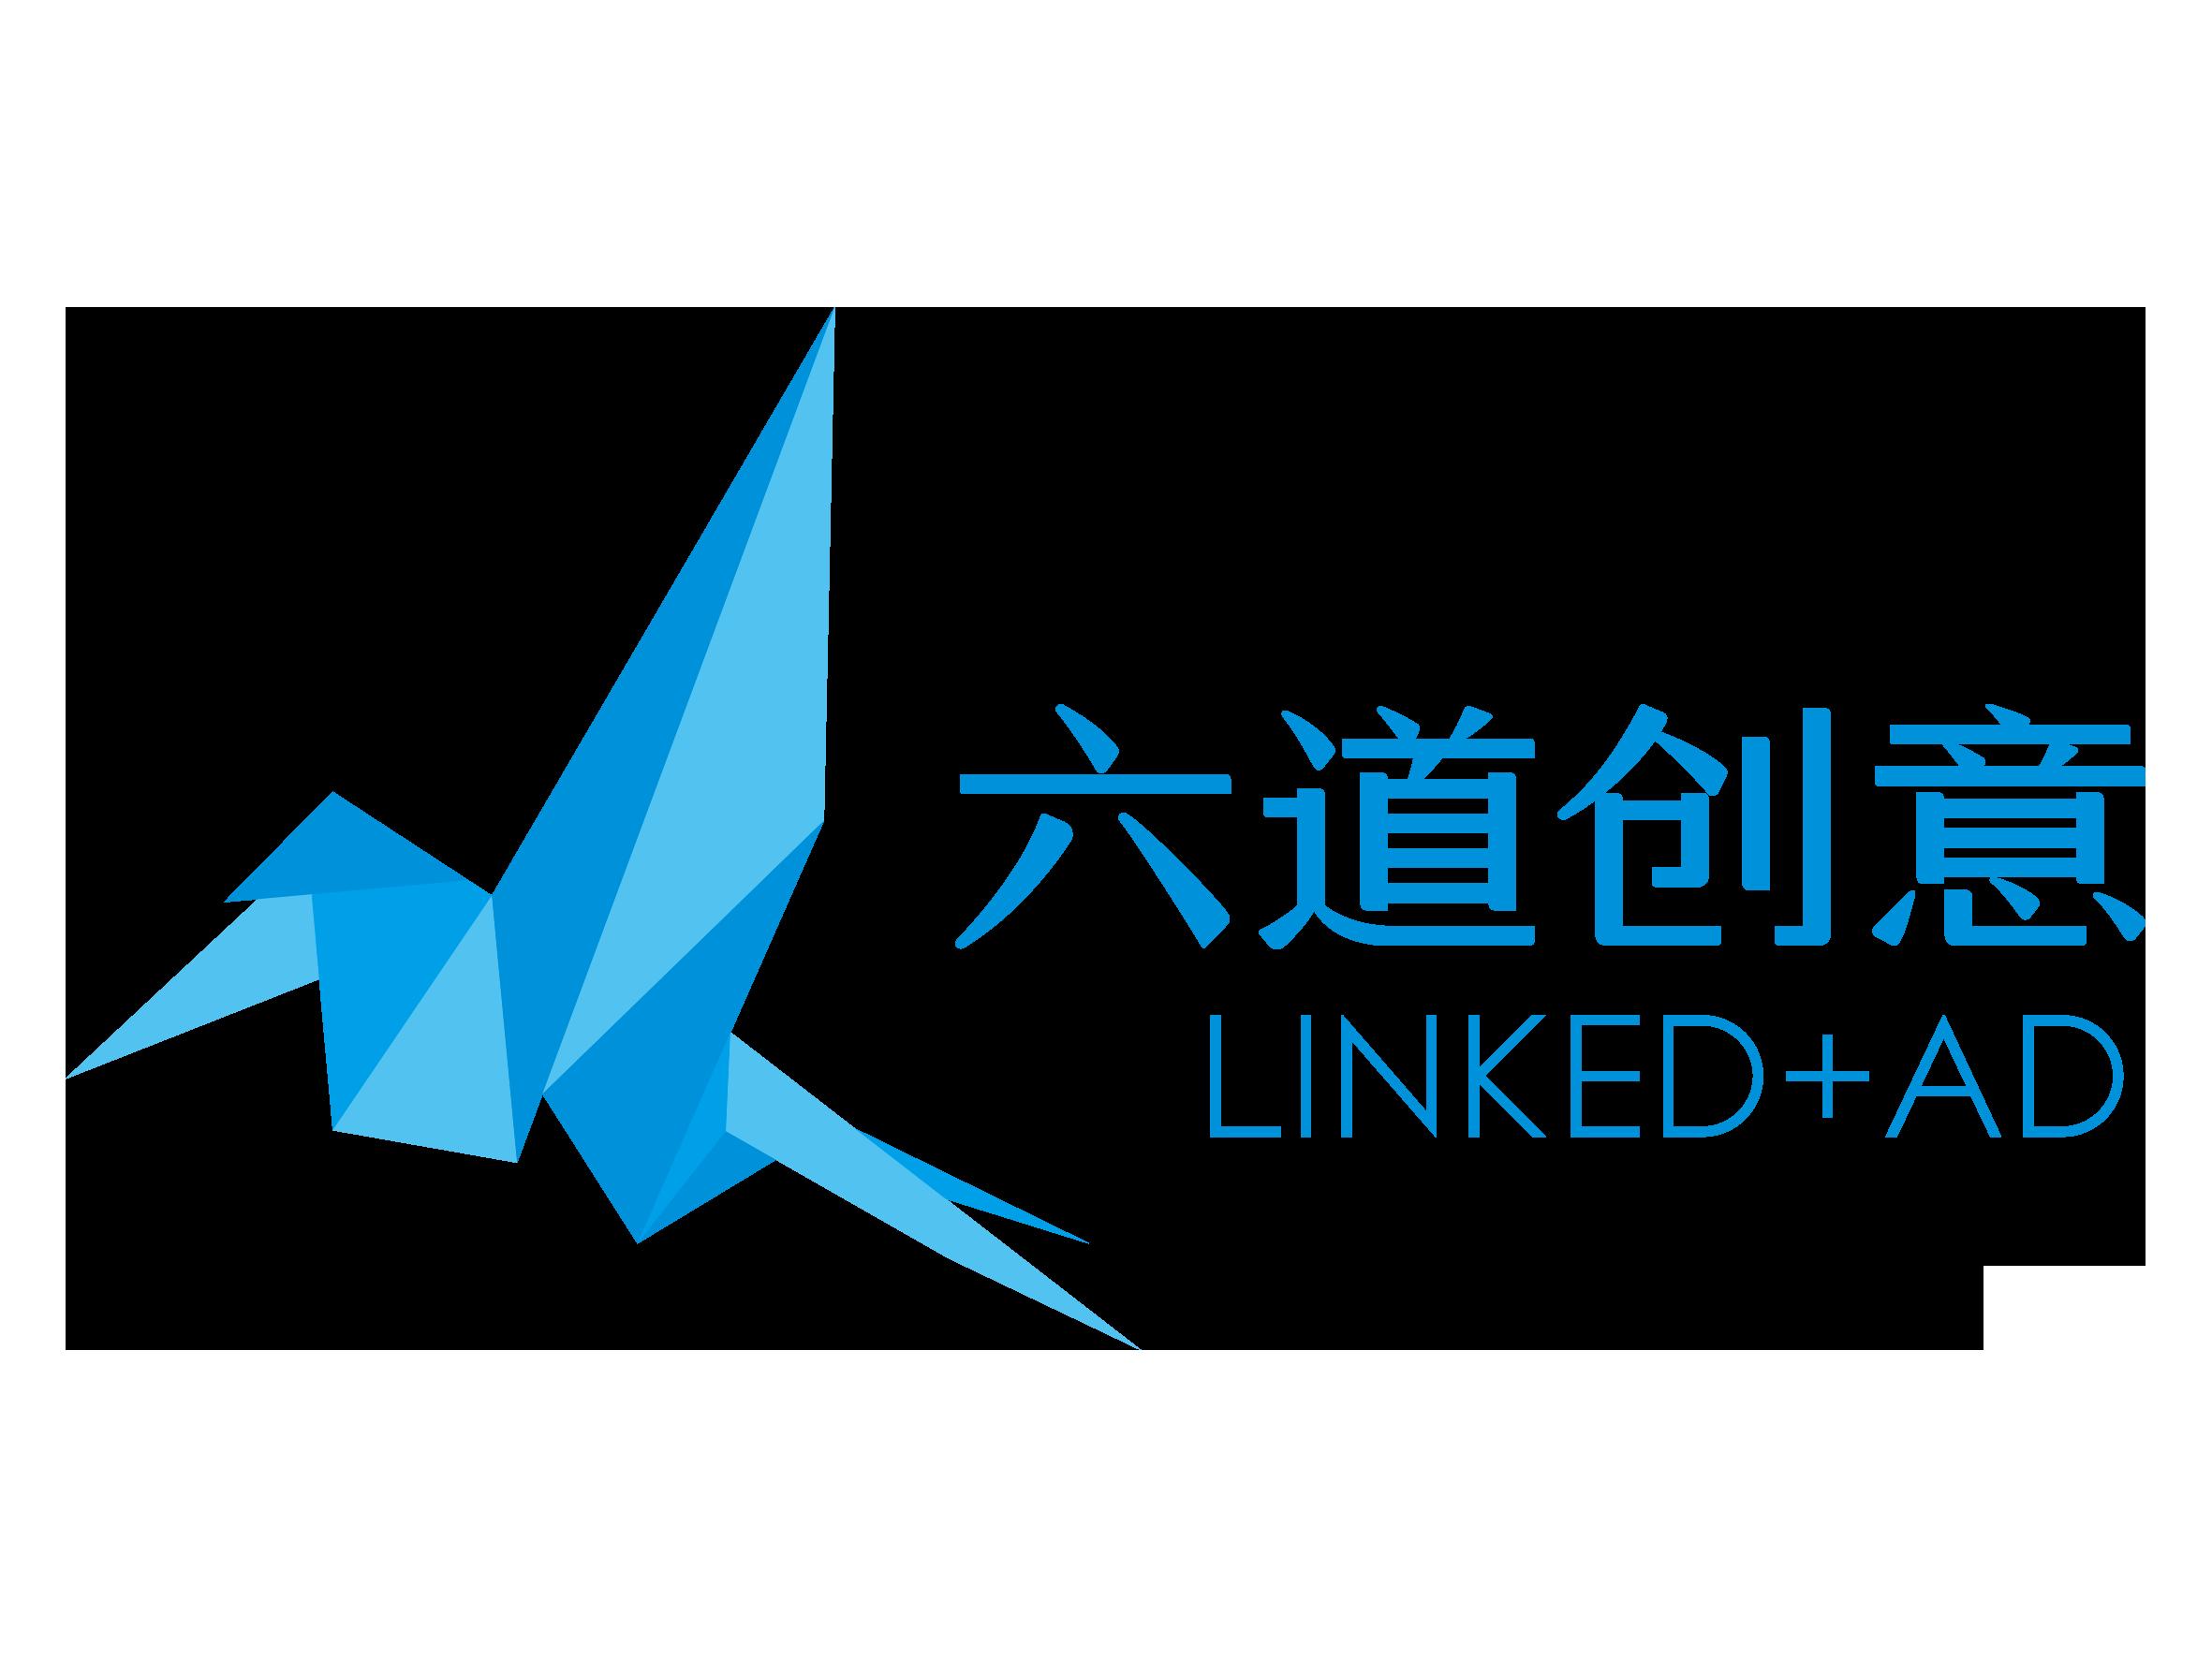 宁波六道创意咨询有限公司